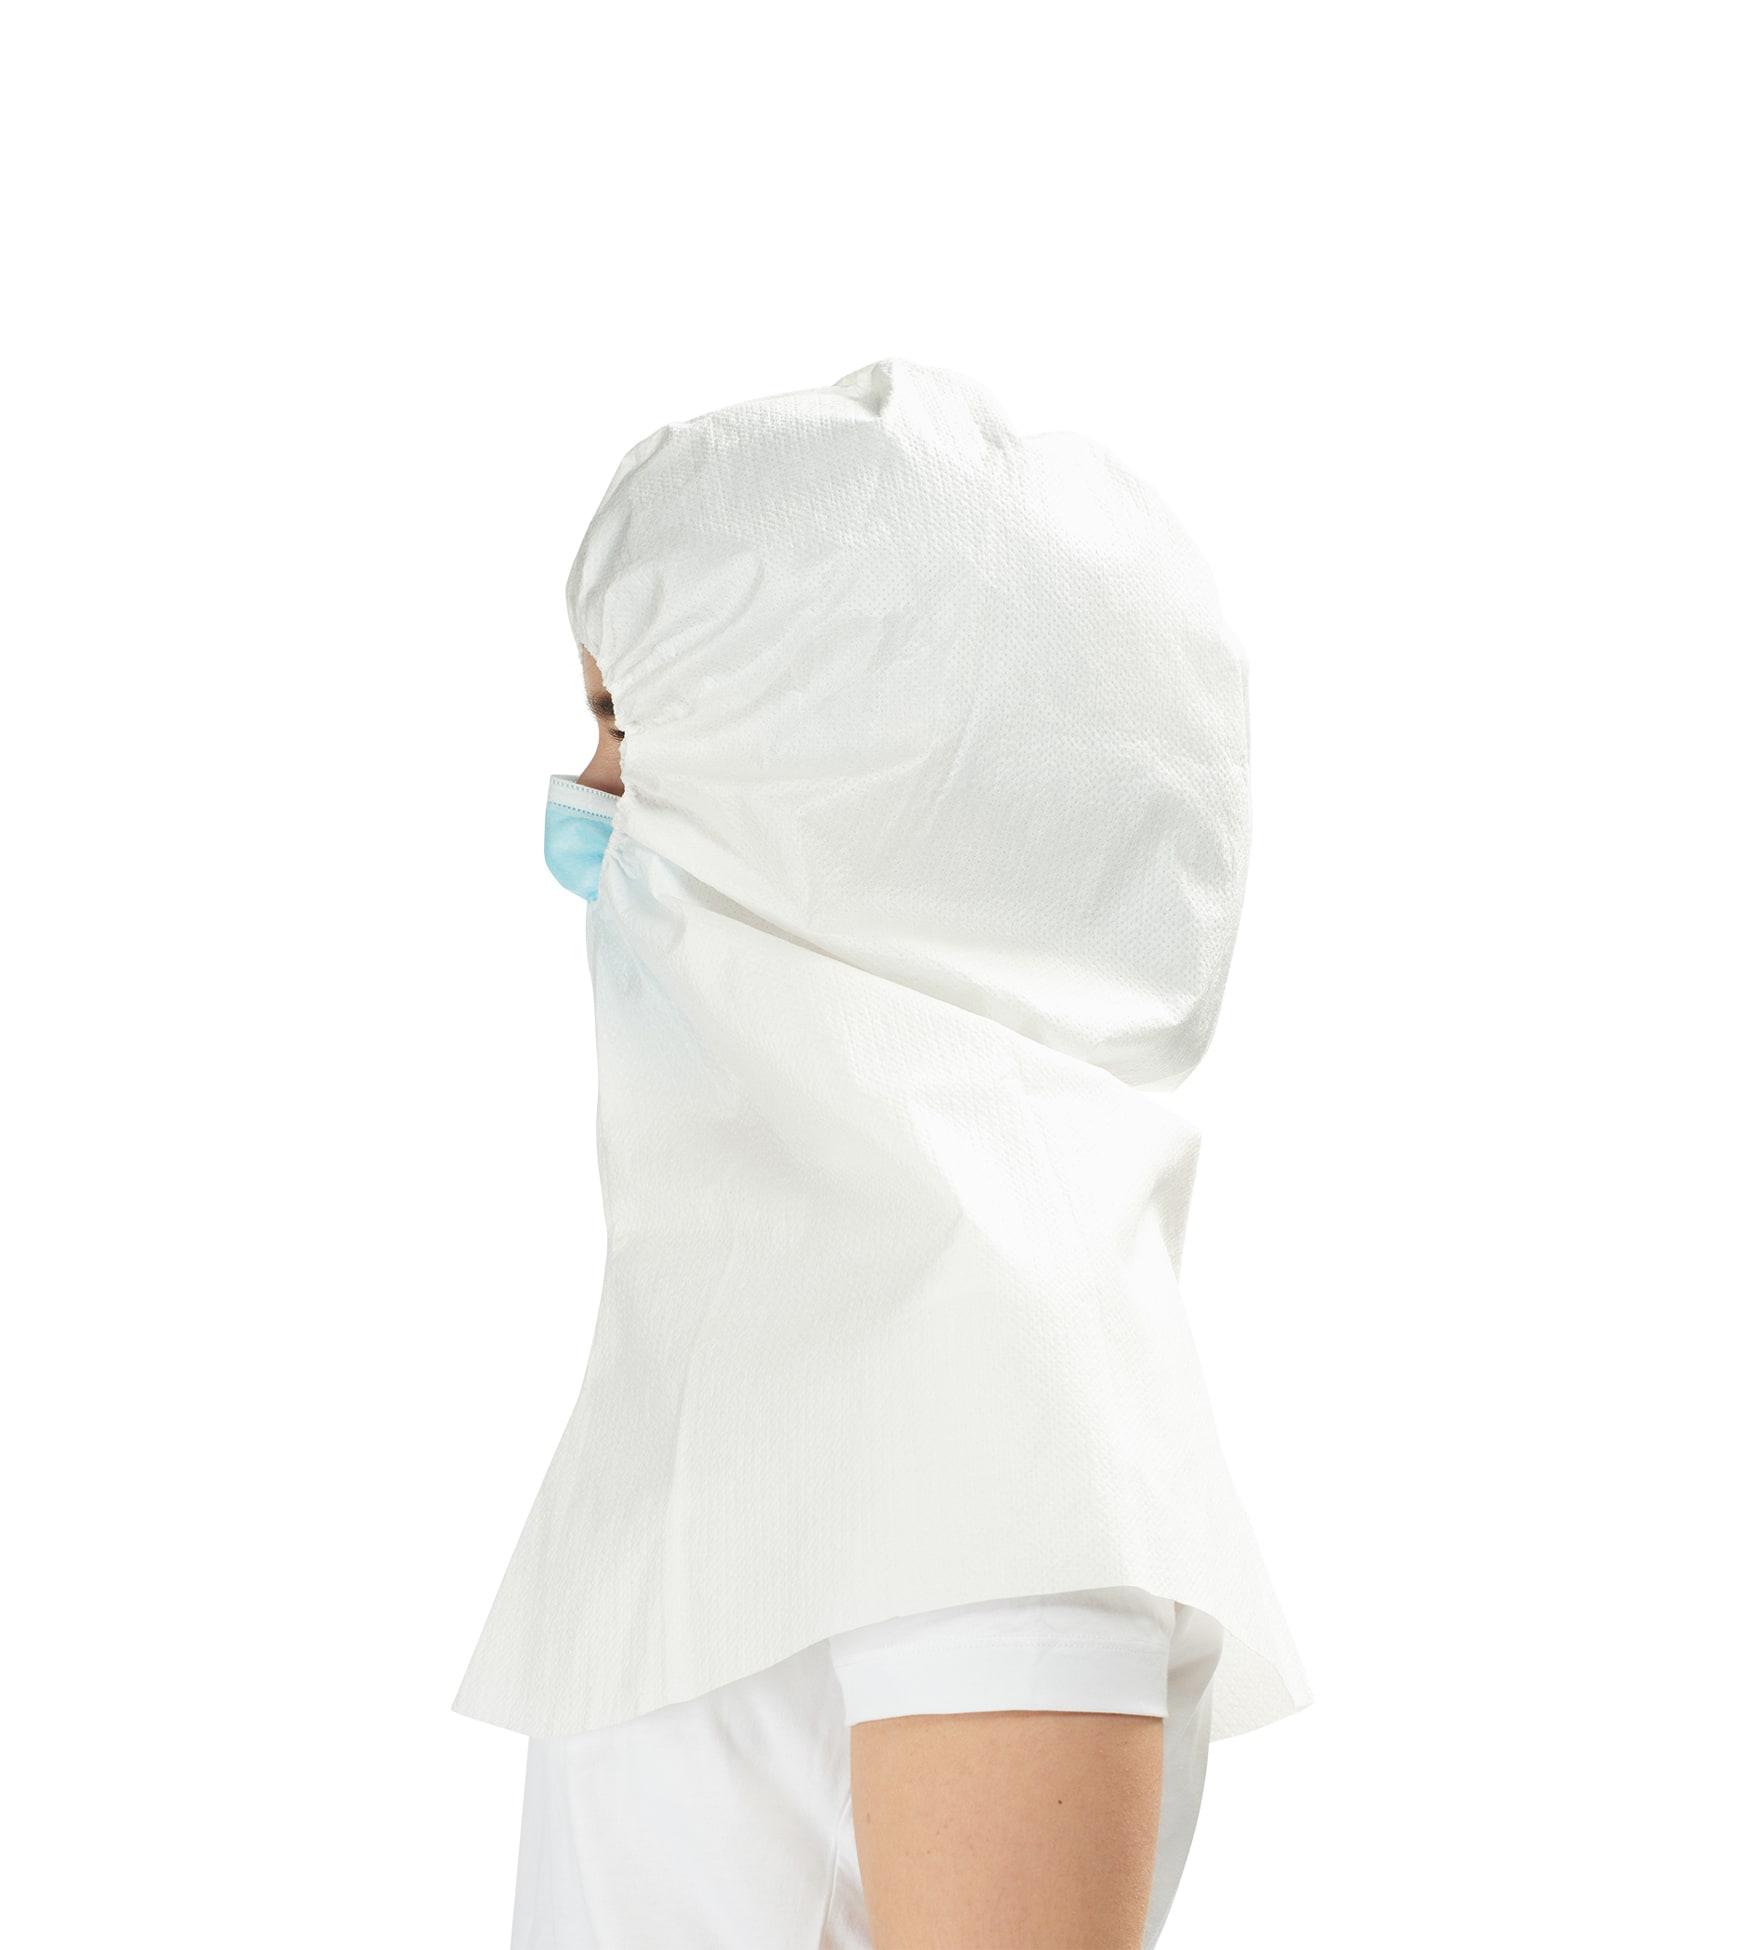 cógulas impermeáveis 2- waterproof hoods - clothe protect